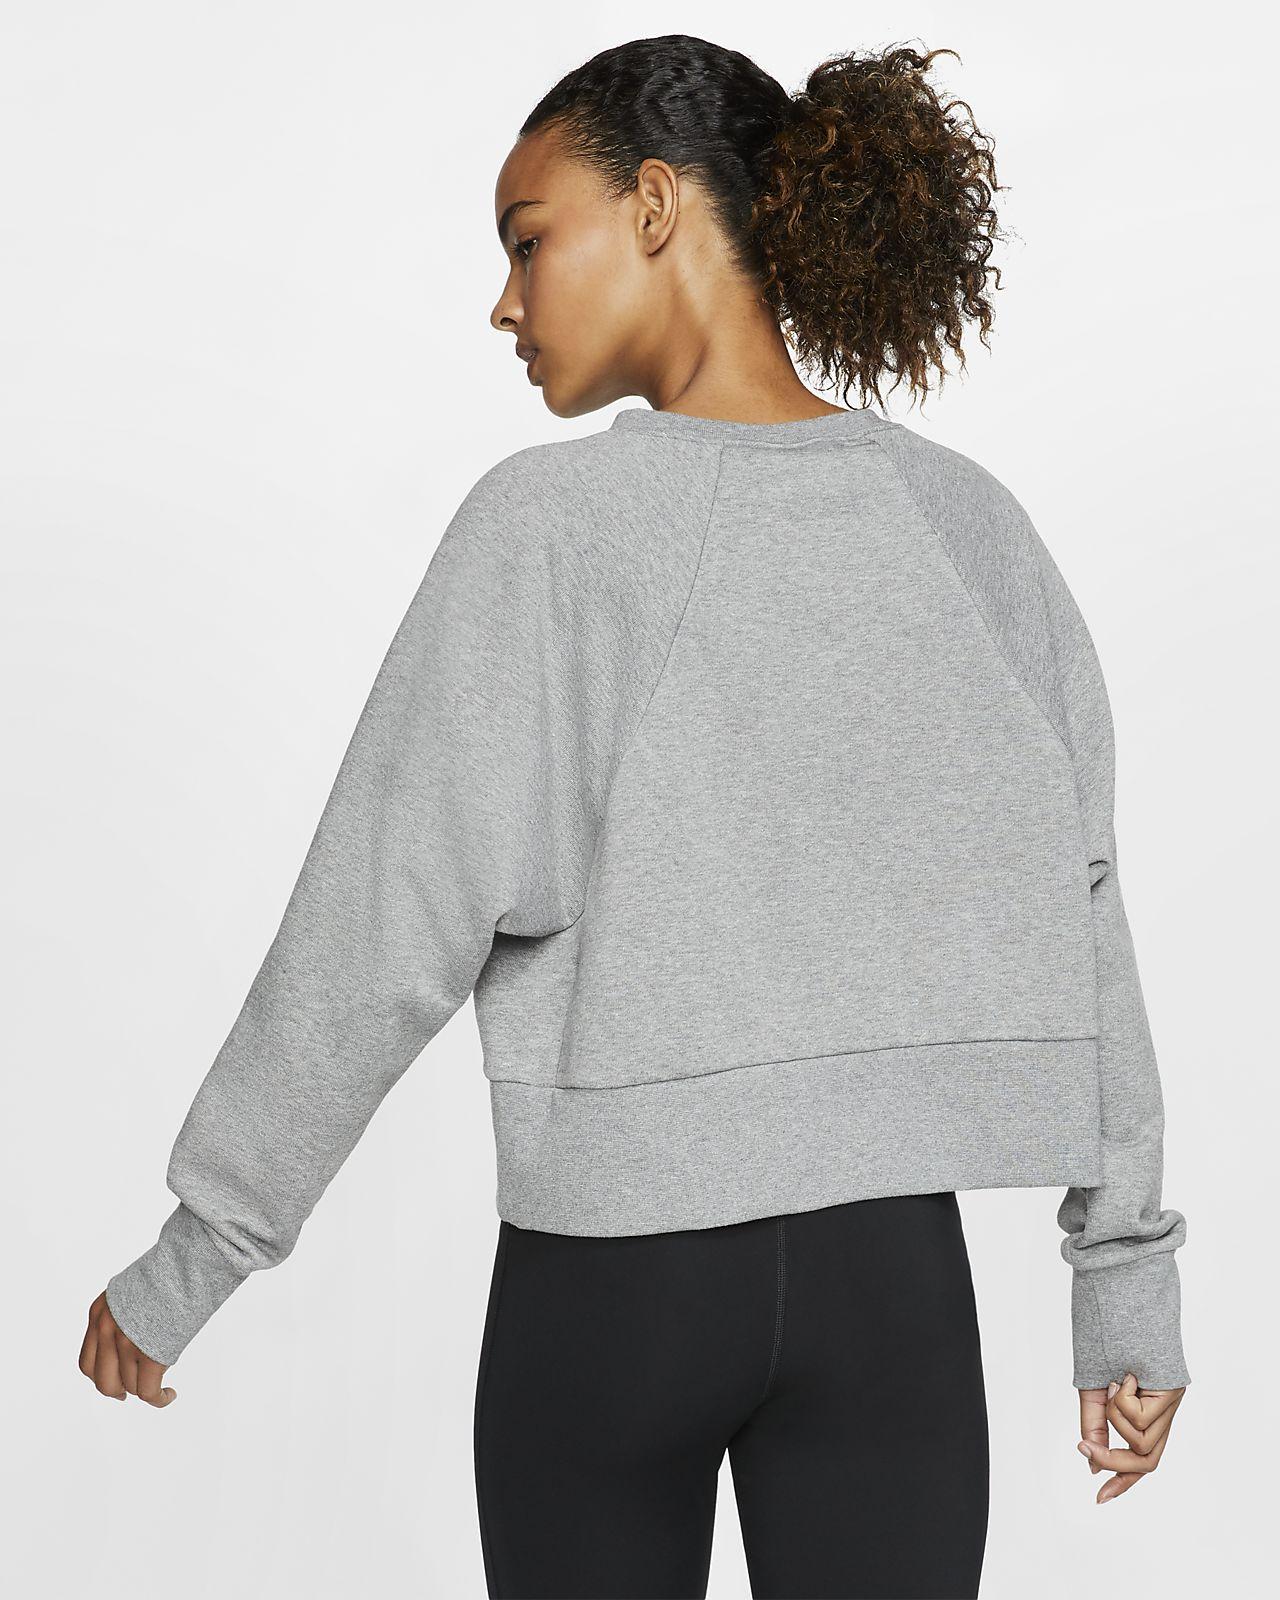 Nike Dri FIT Get Fit Women's Fleece Training Crew